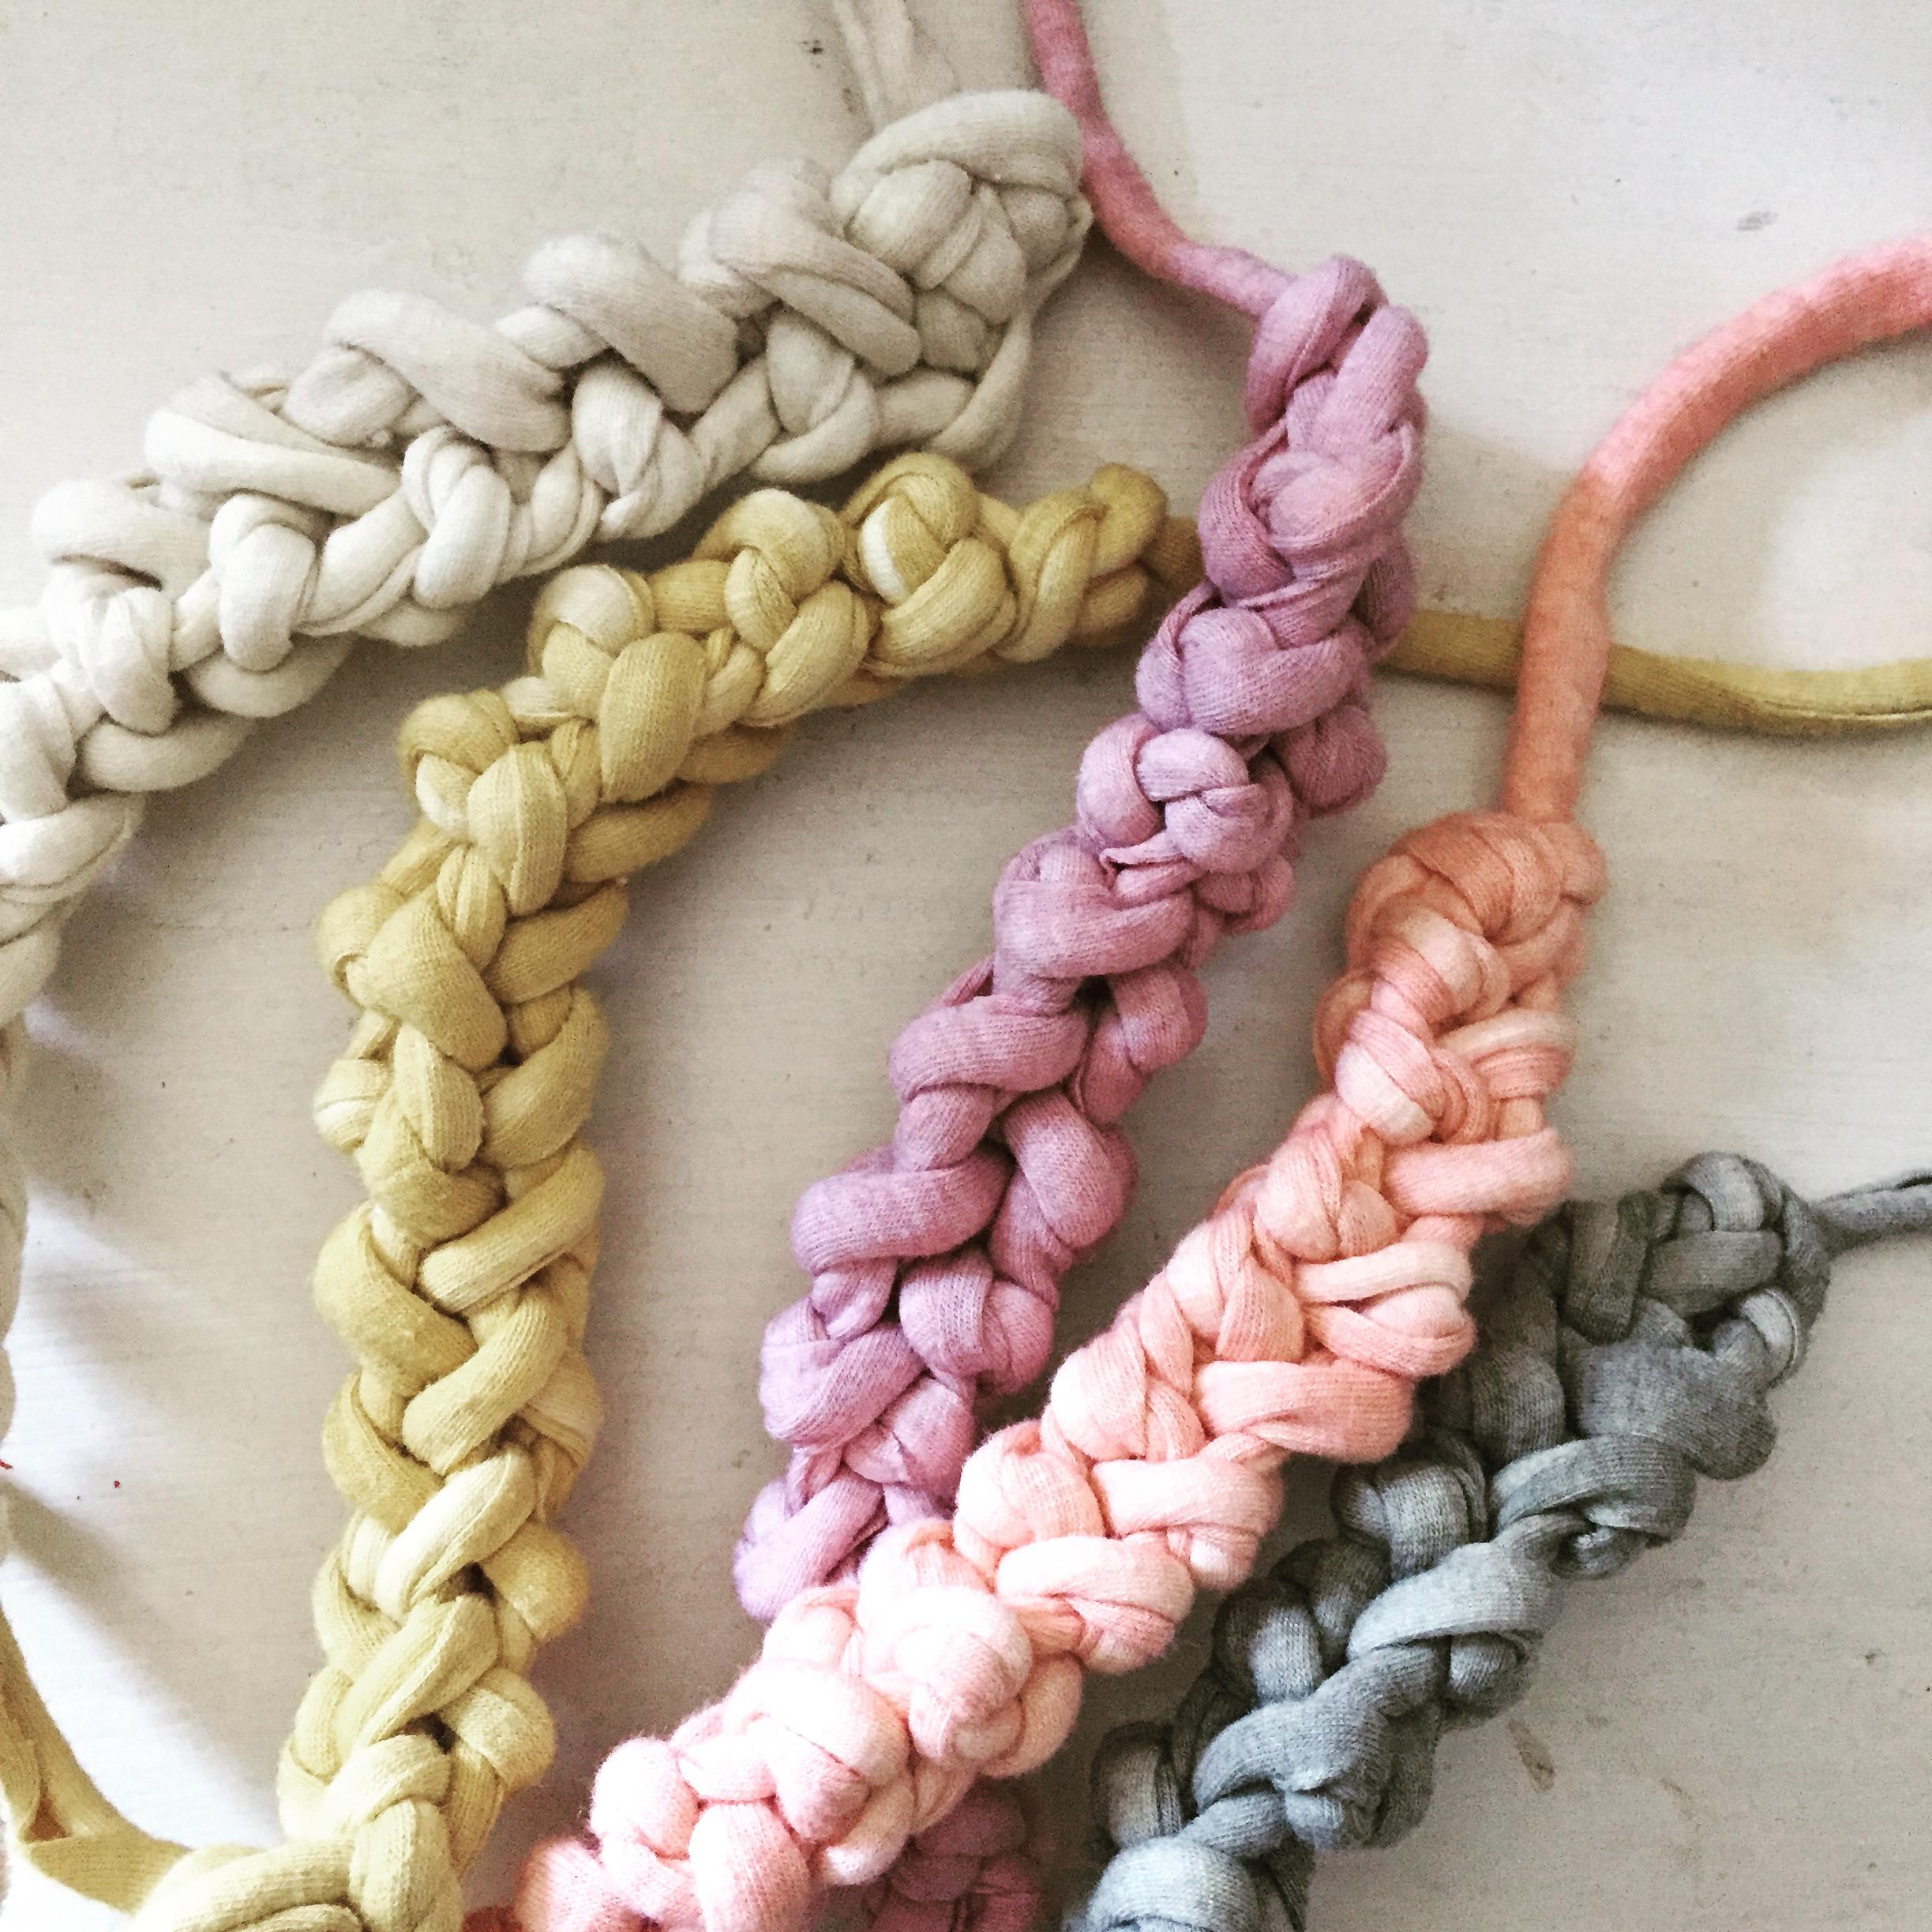 naturally dyed soy jersey knit bracelets by Untold Imprint